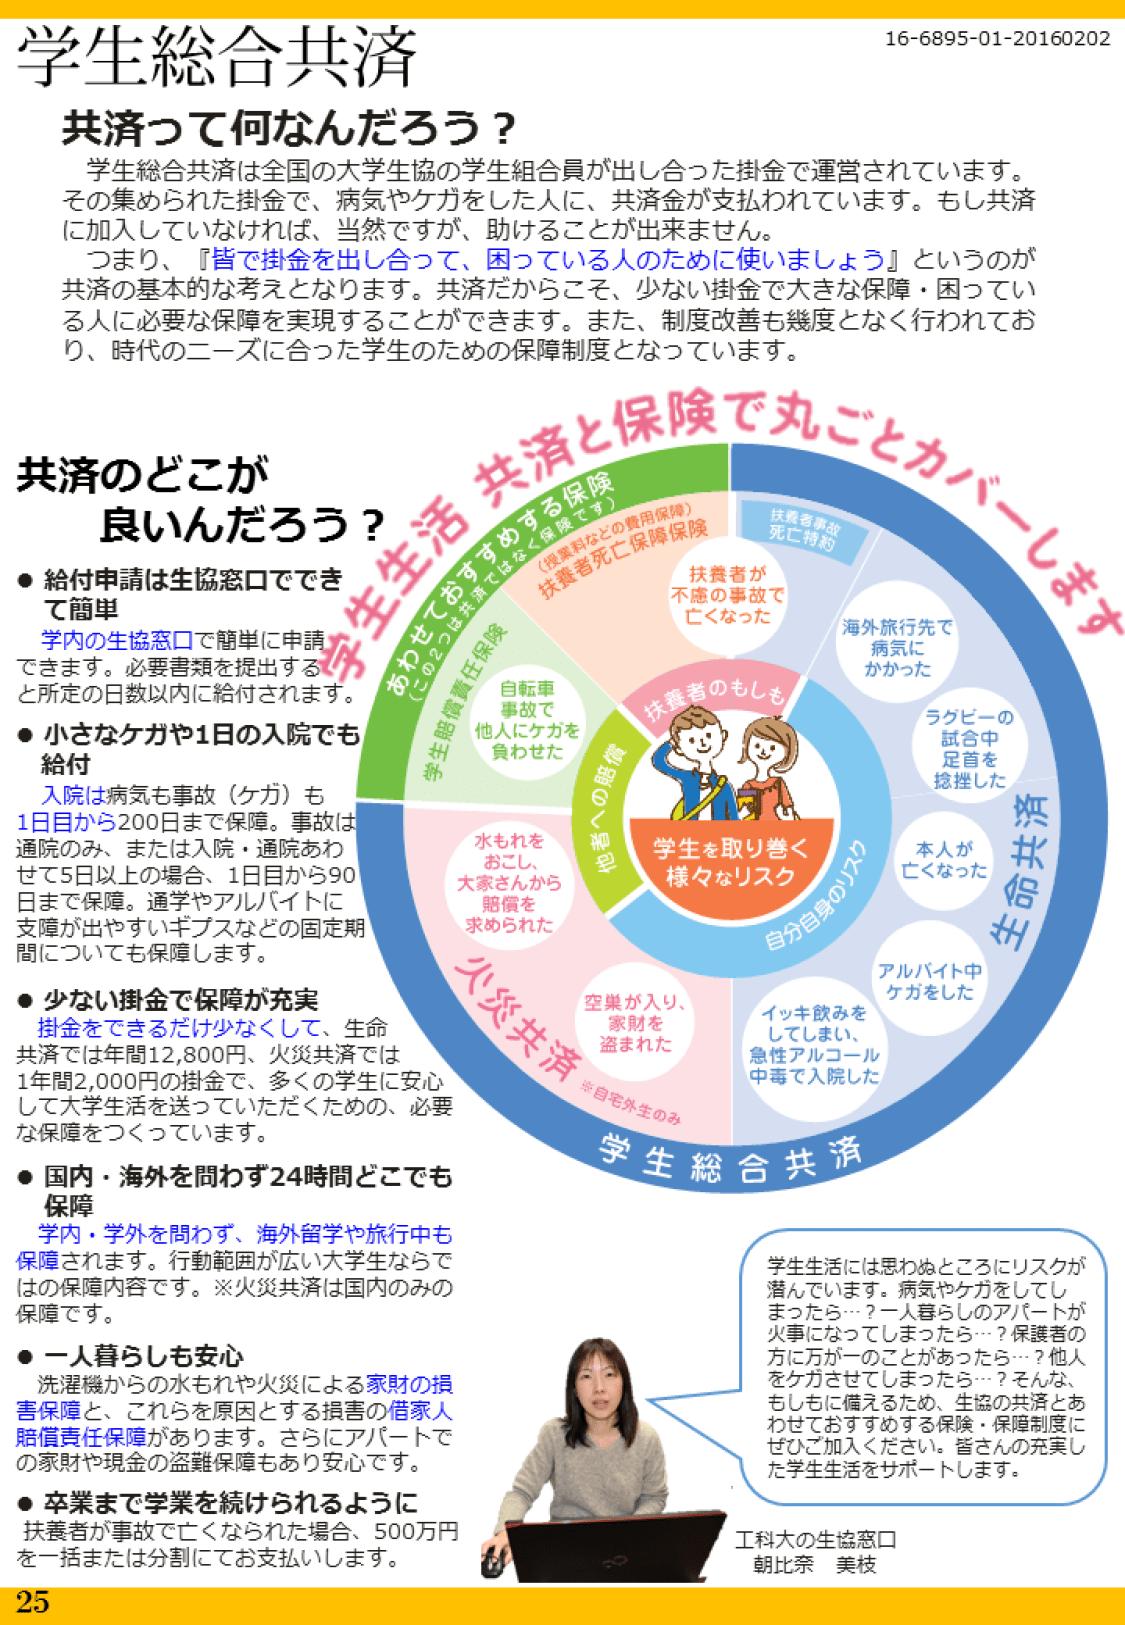 kyousai2016_1